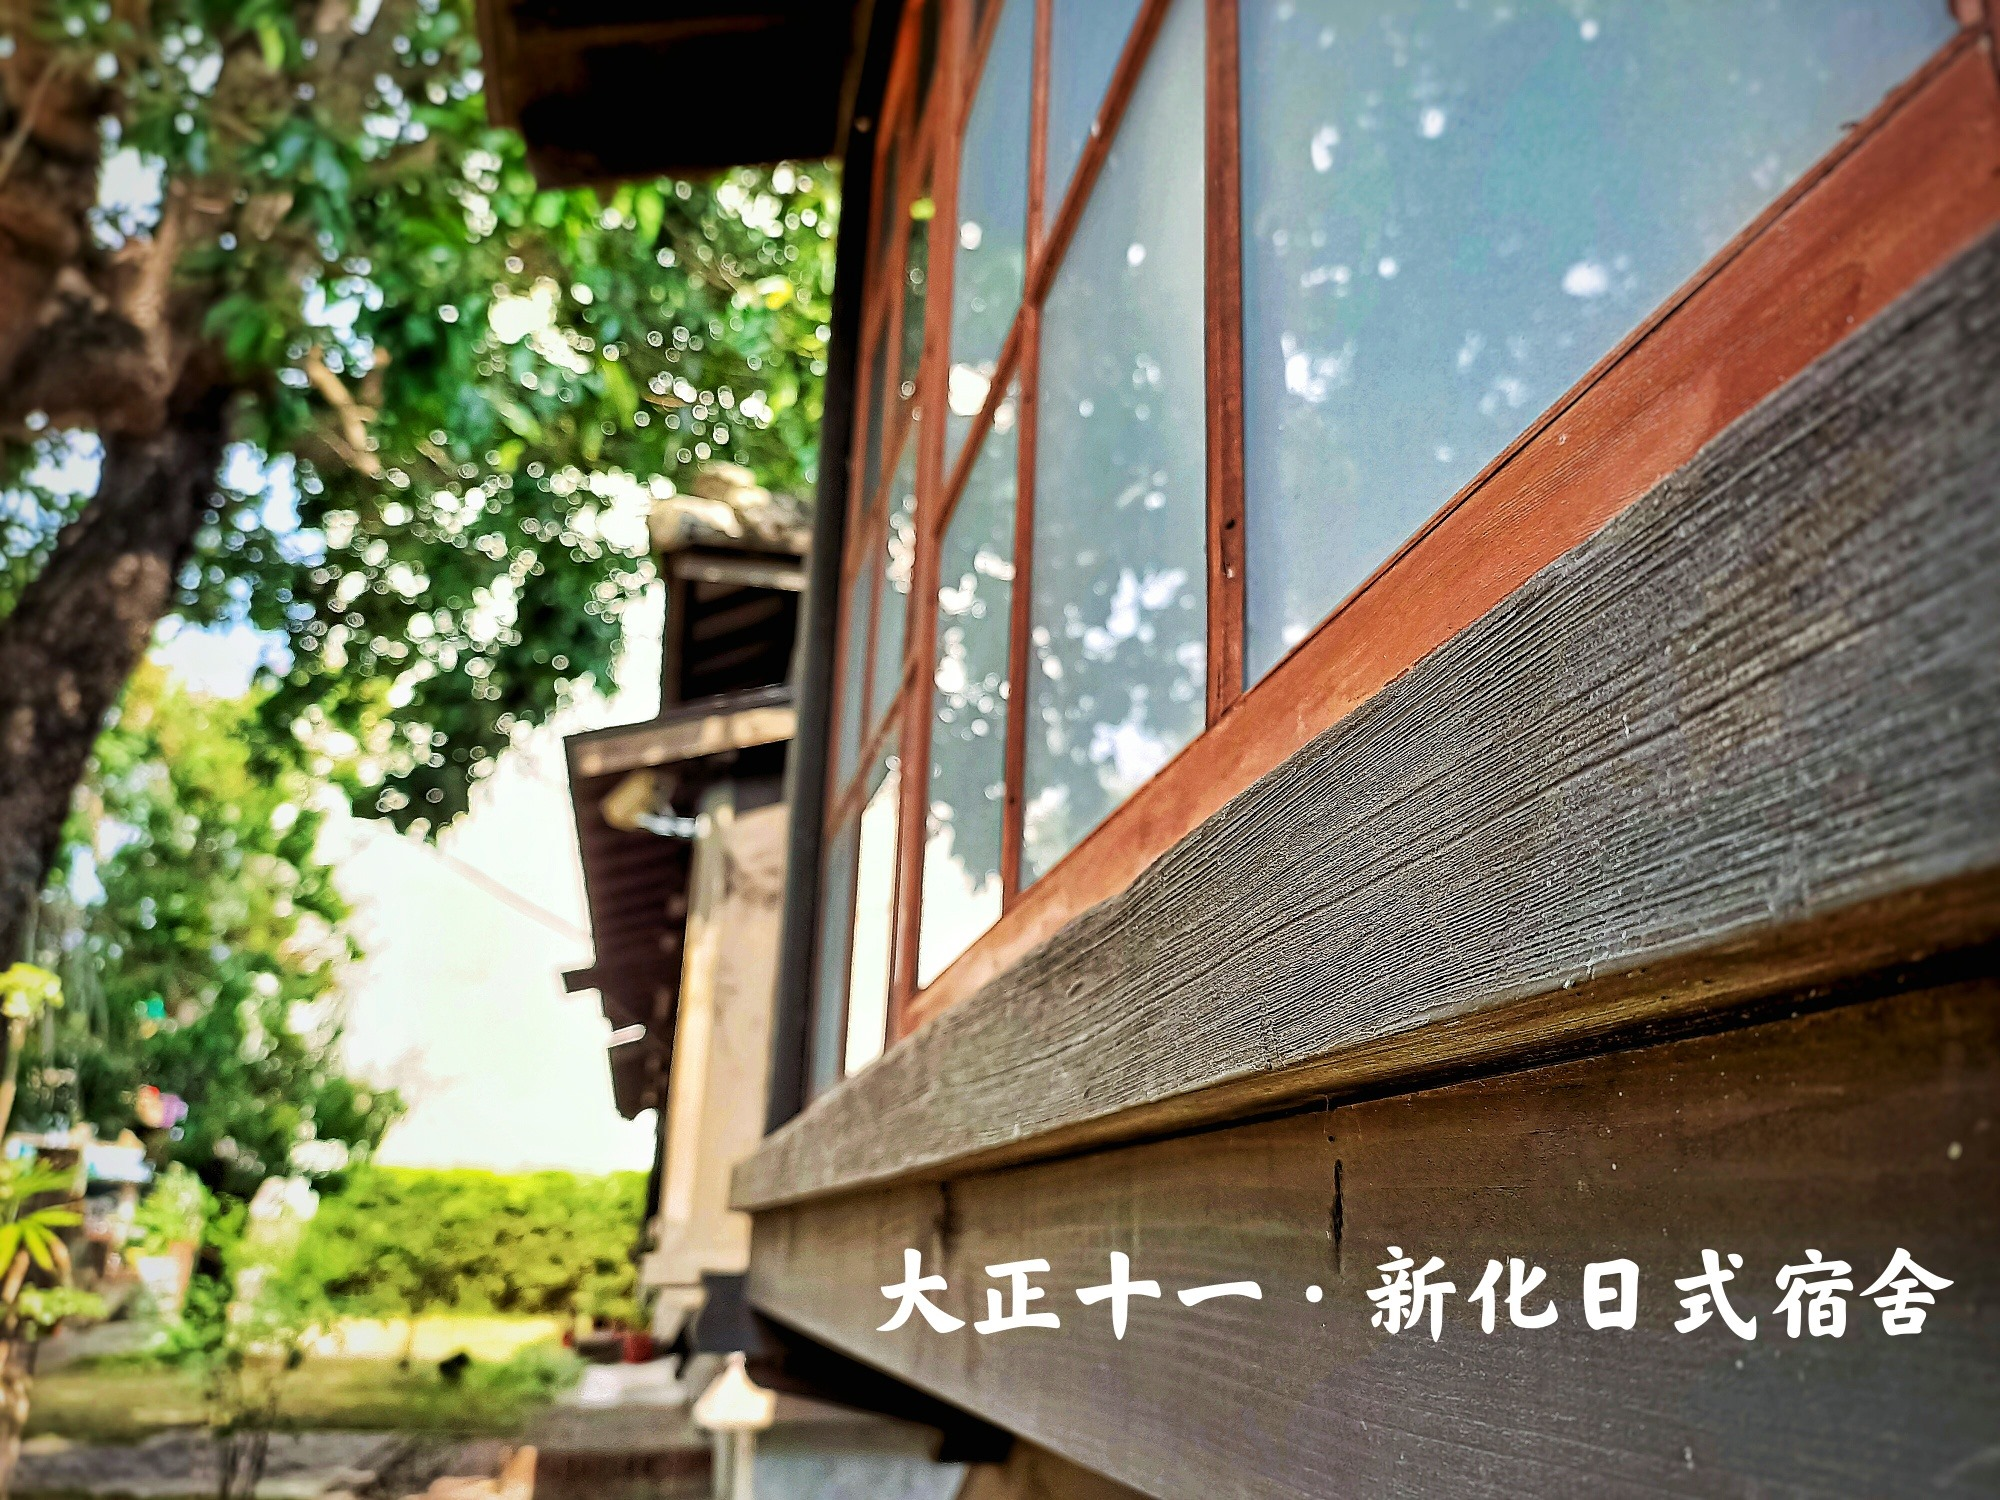 大正十一 · 台南新化日式宿舍